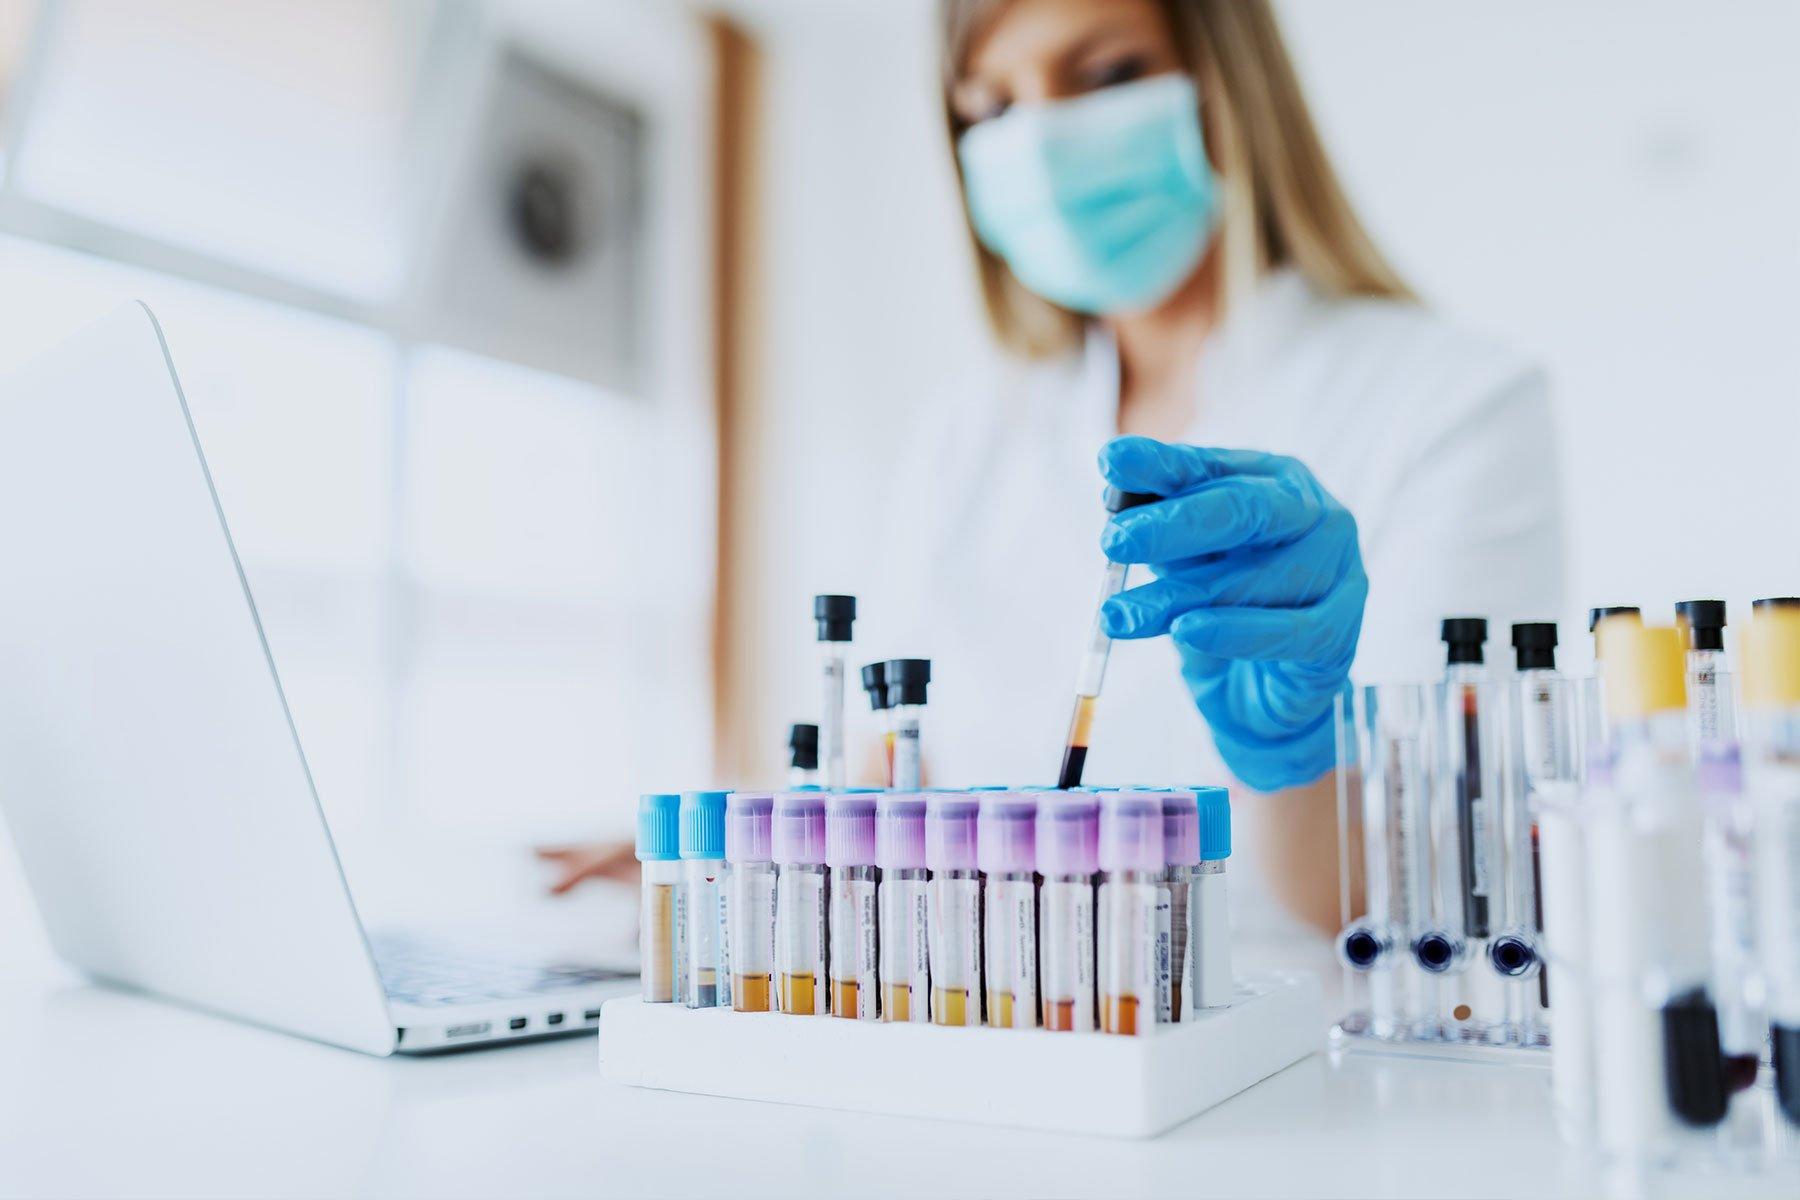 Dr. Jack's Lab Testing